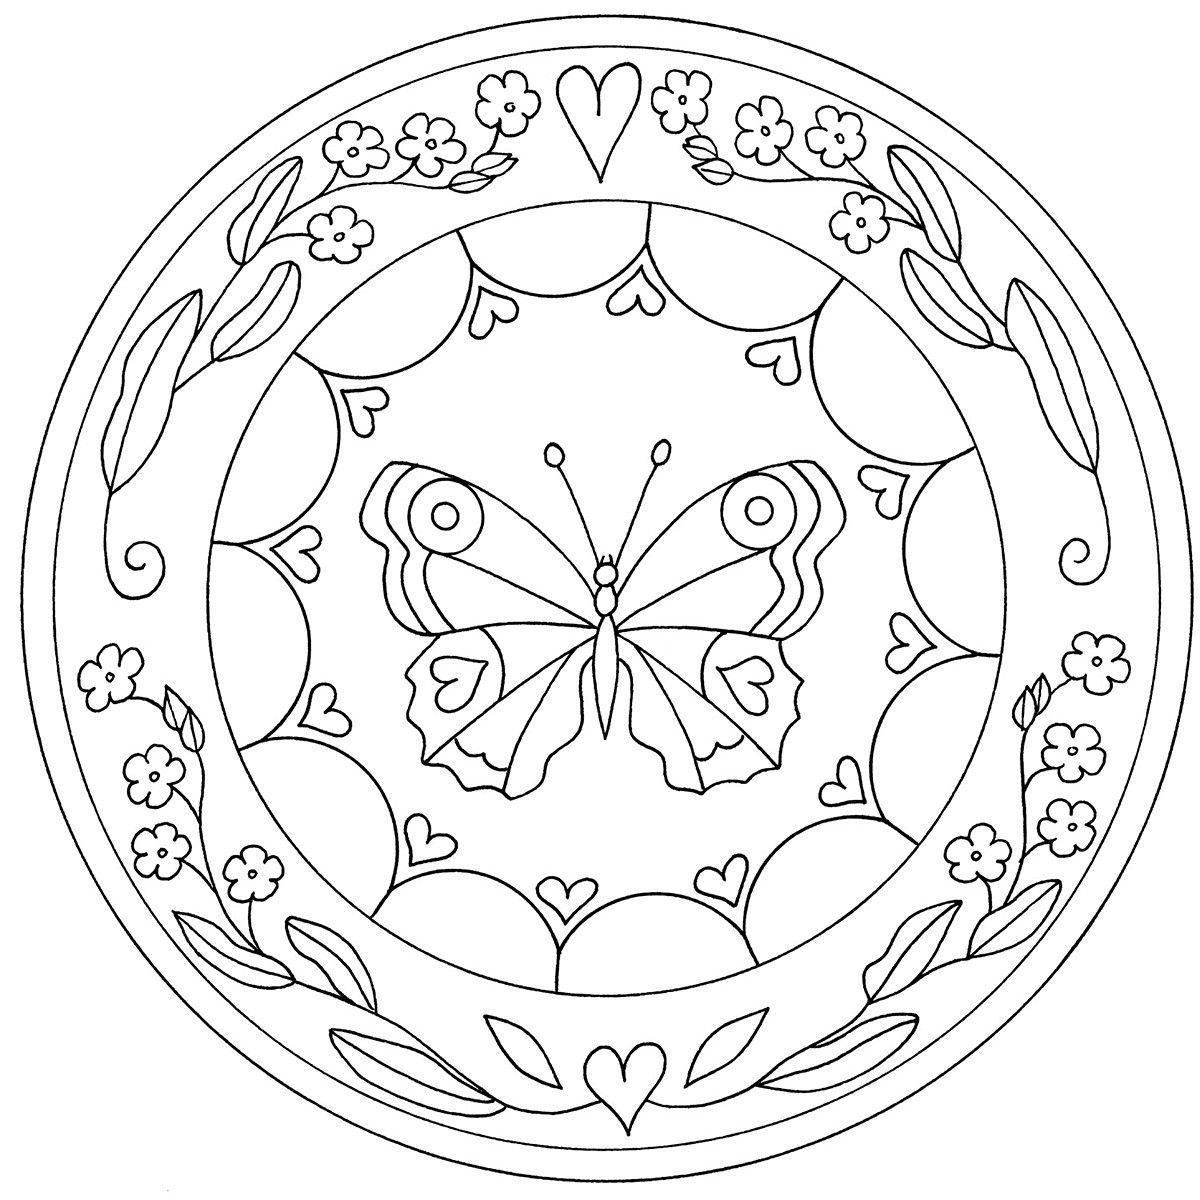 40 Desenhos De Mandala Para Colorir Pintar Imprimir Riscos Moldes E Desenhos De Mandalas Com Imagens Mandalas Para Colorir Desenhos De Mandalas Mandalas Para Criancas